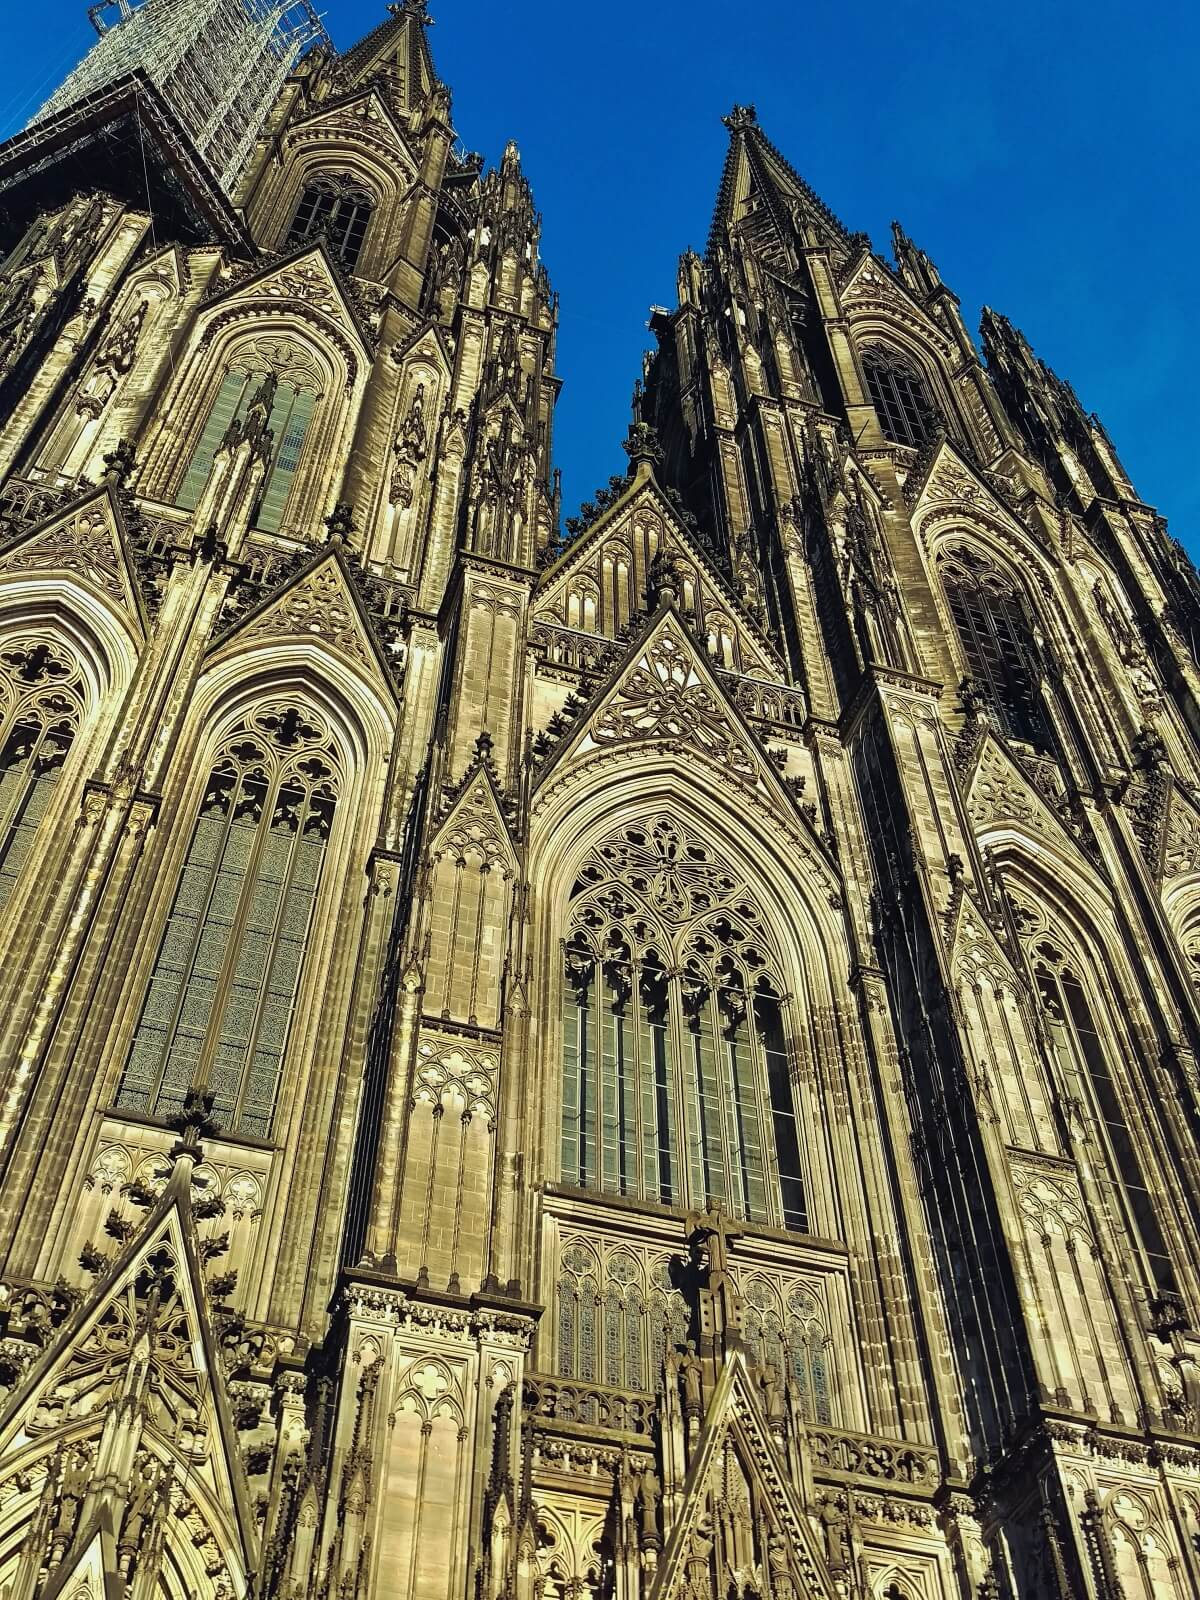 Wierze katedry w Kolonii.